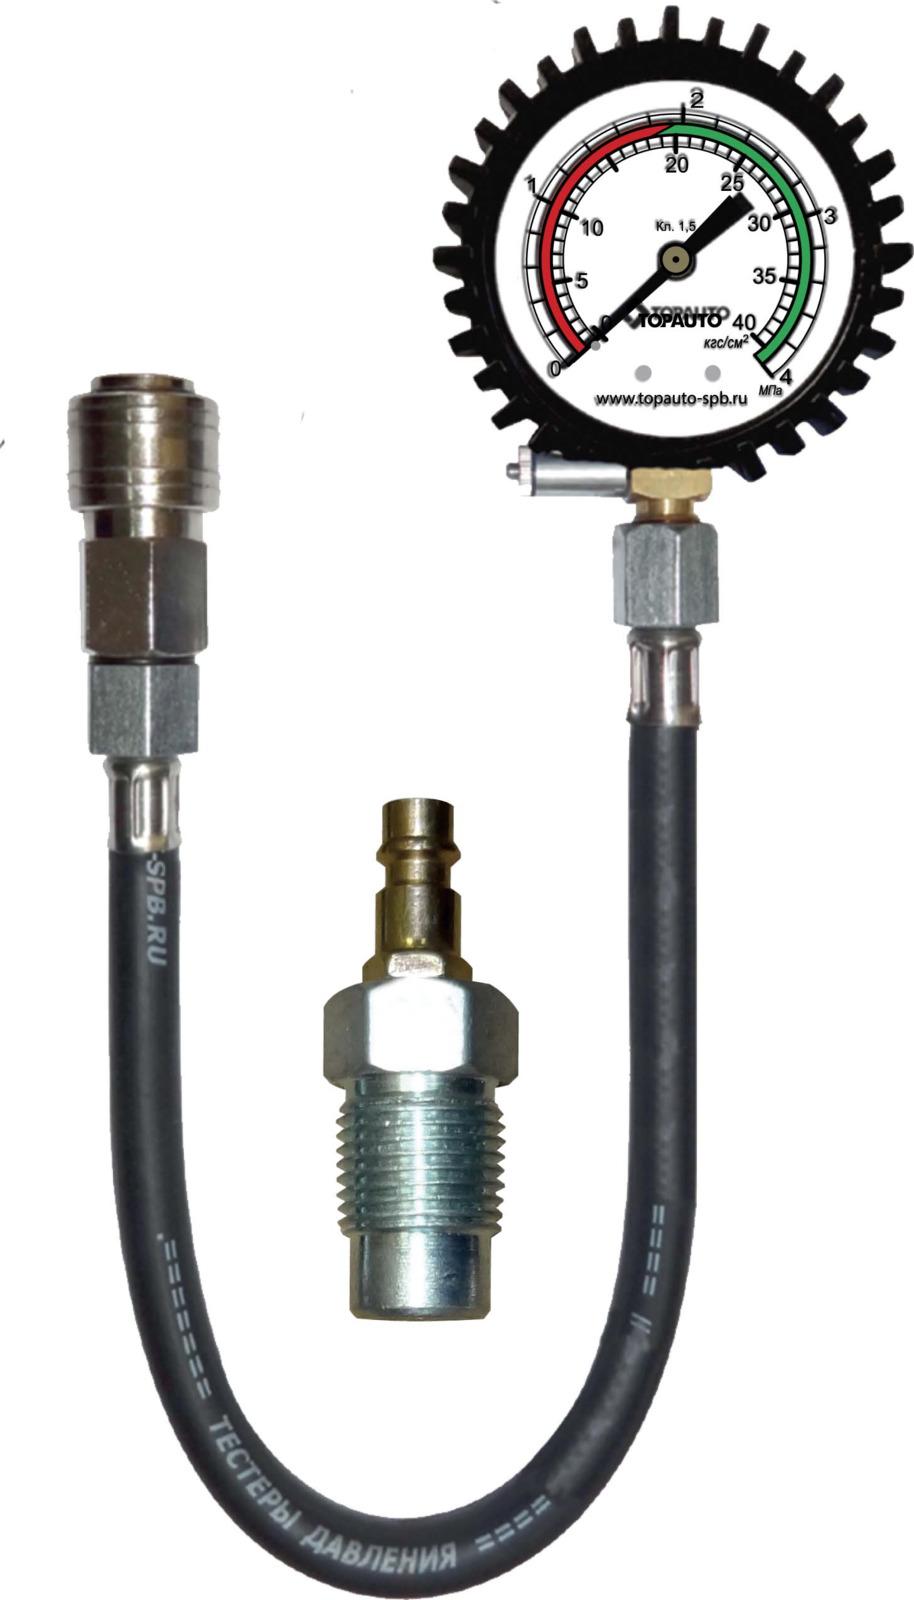 Компрессометр Топ Авто для дизельных двигателей G-324D, 11544, аналог набора про дизель